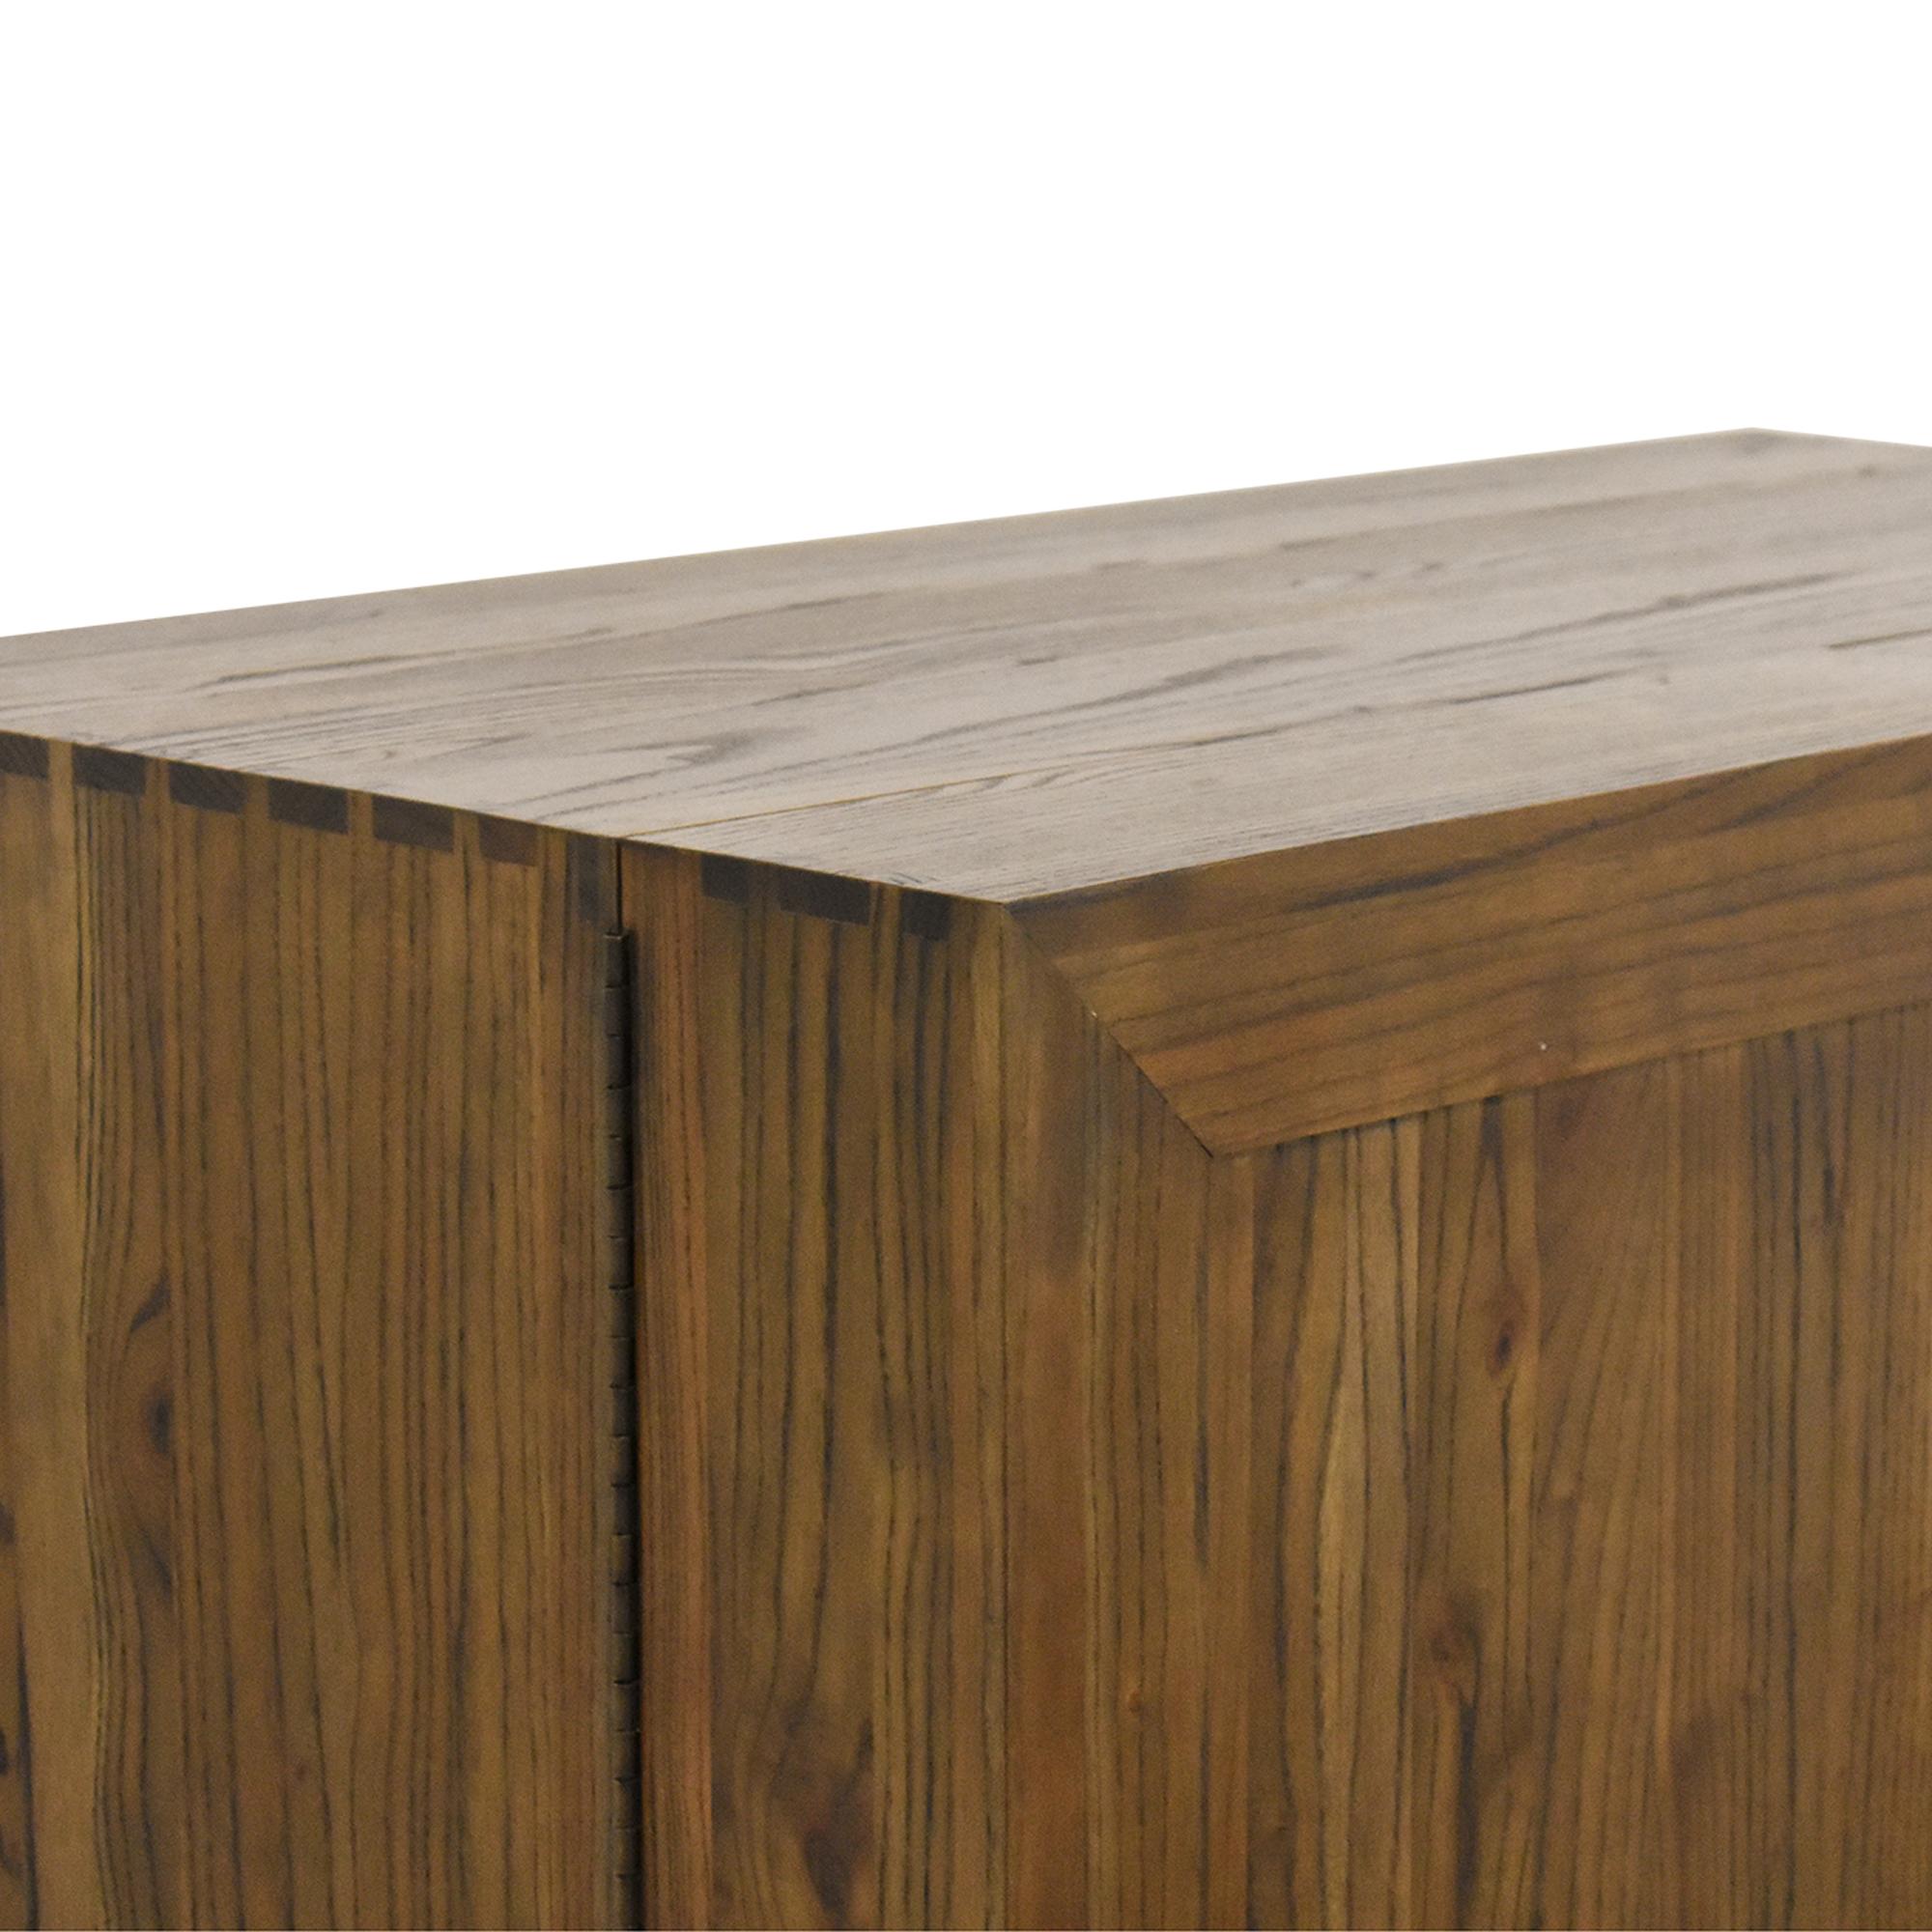 Crate & Barrel Marin Bar Cabinet / Storage